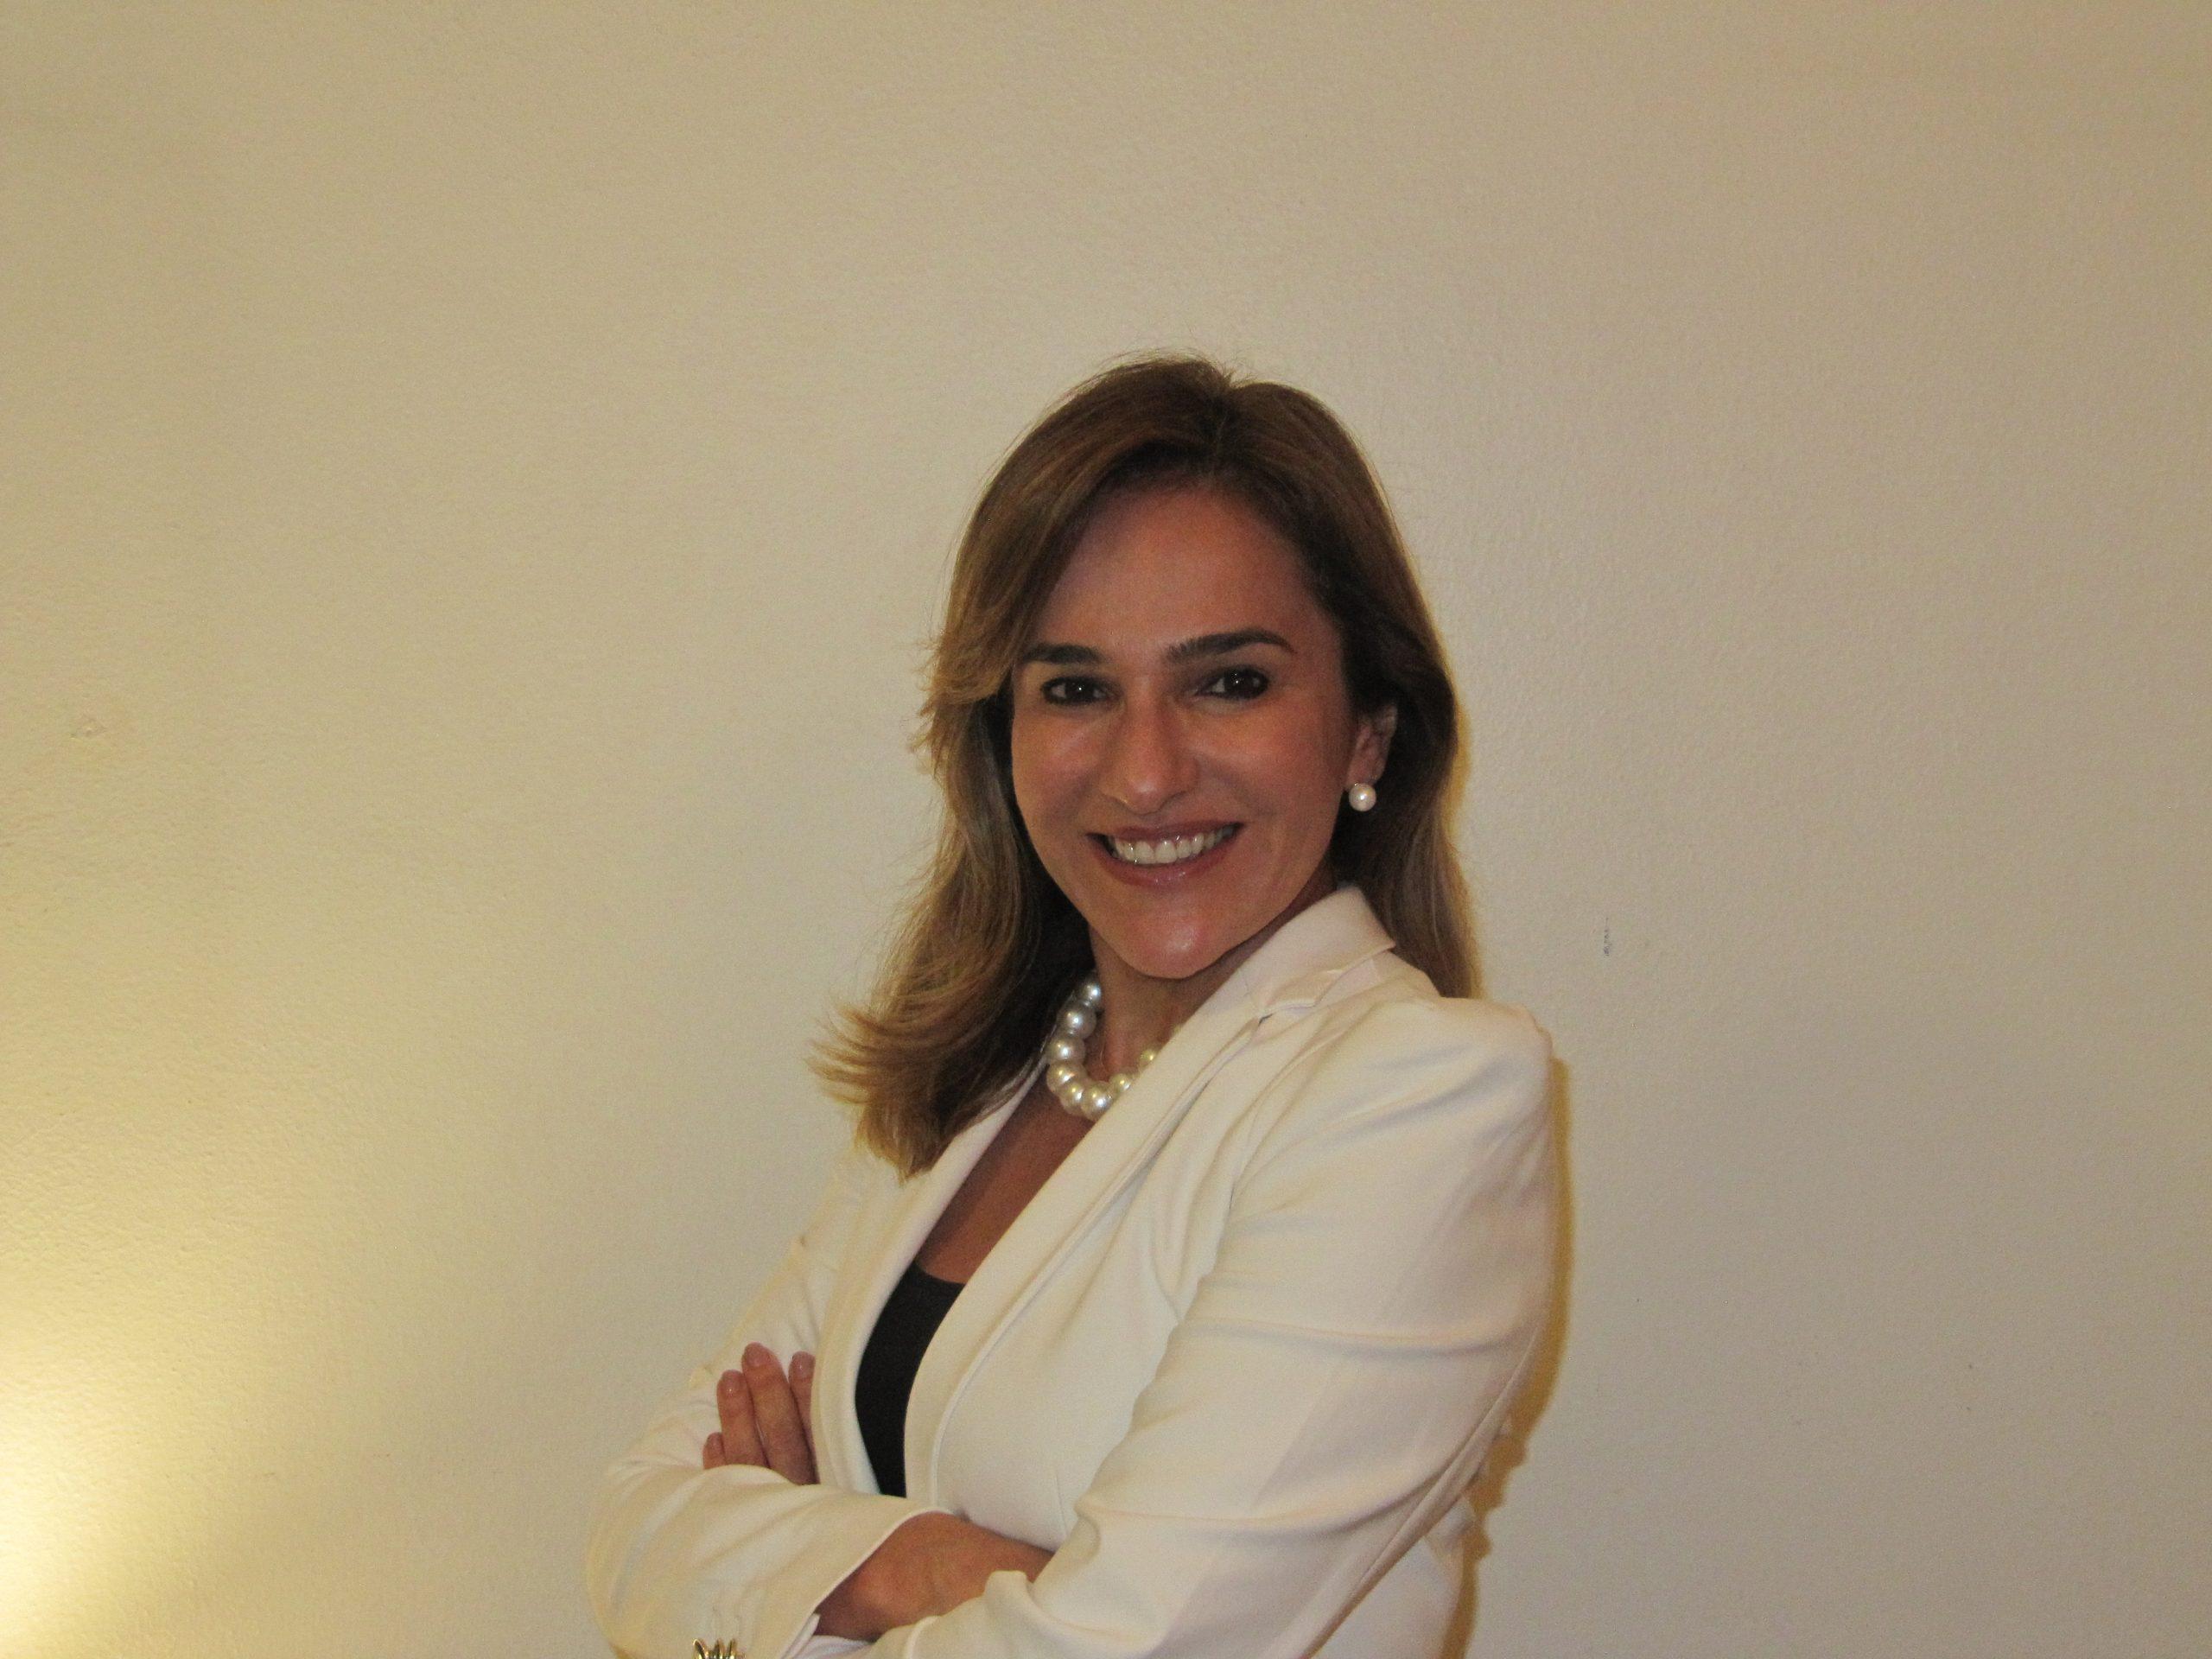 Graziela Baffa é A Nova Sócia De Serviços Corporativos Da Baker Tilly Em São Paulo